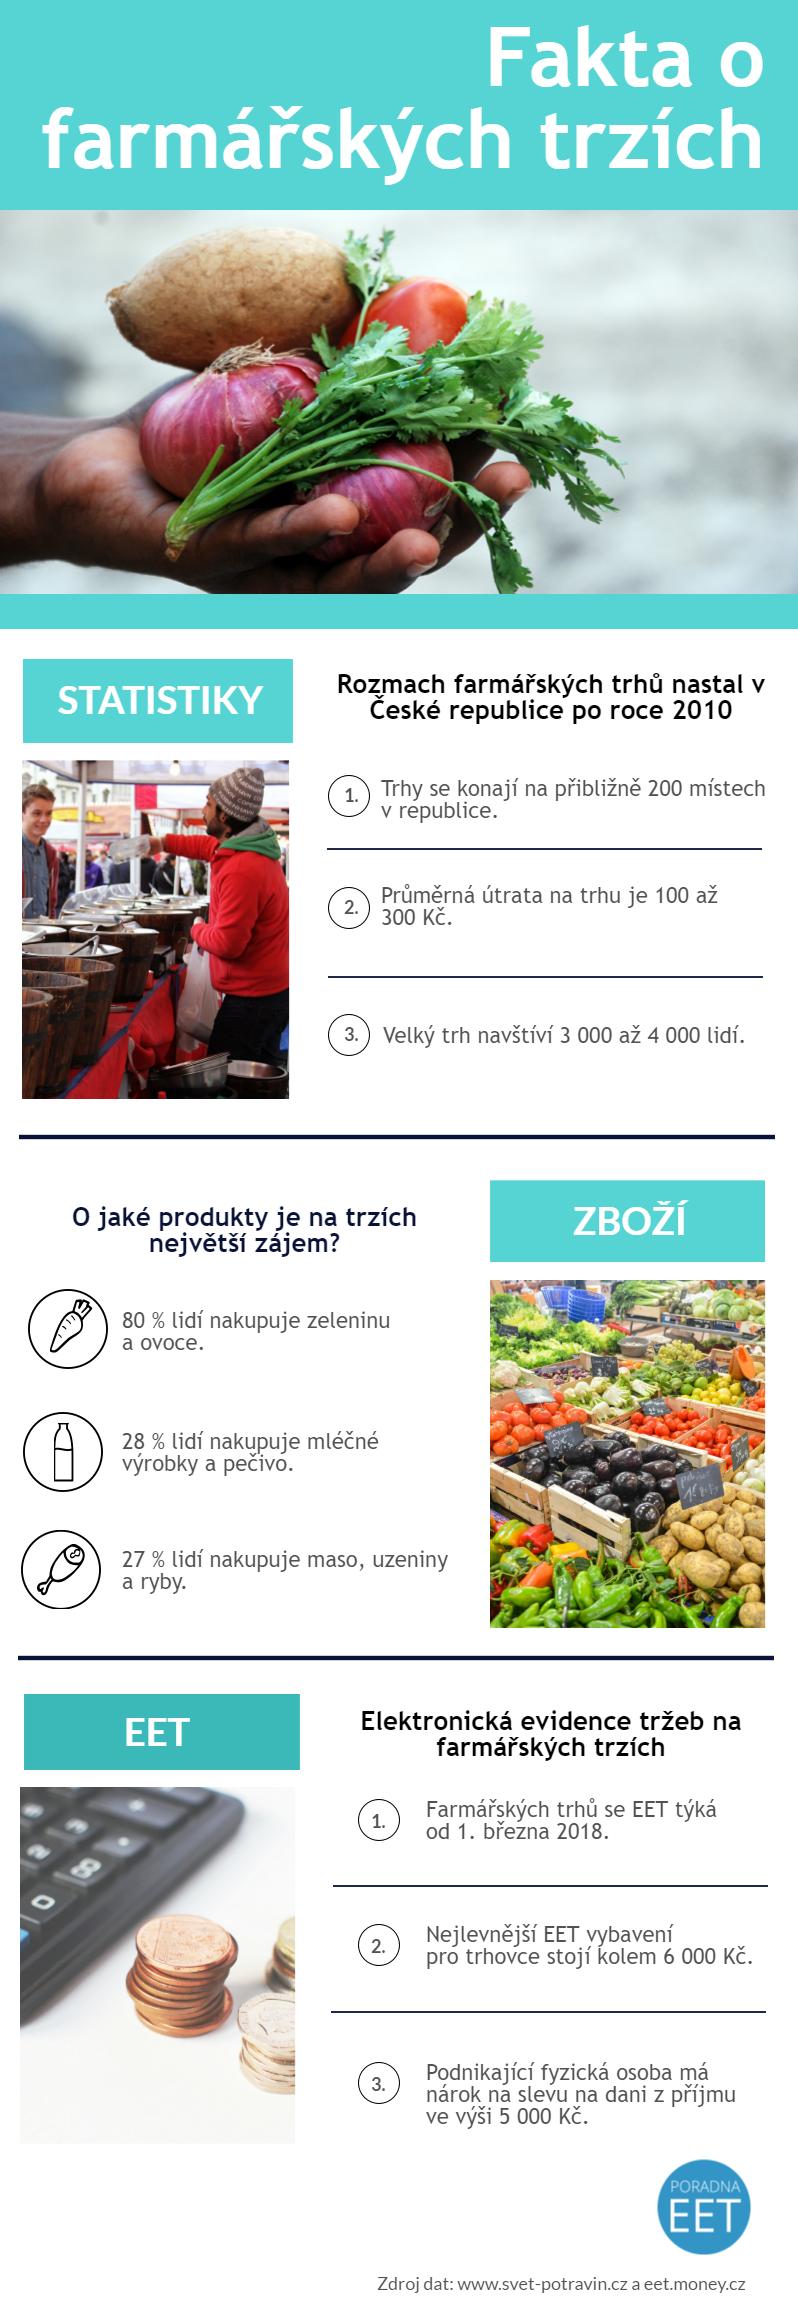 infografika Fakta o farmářských trzích